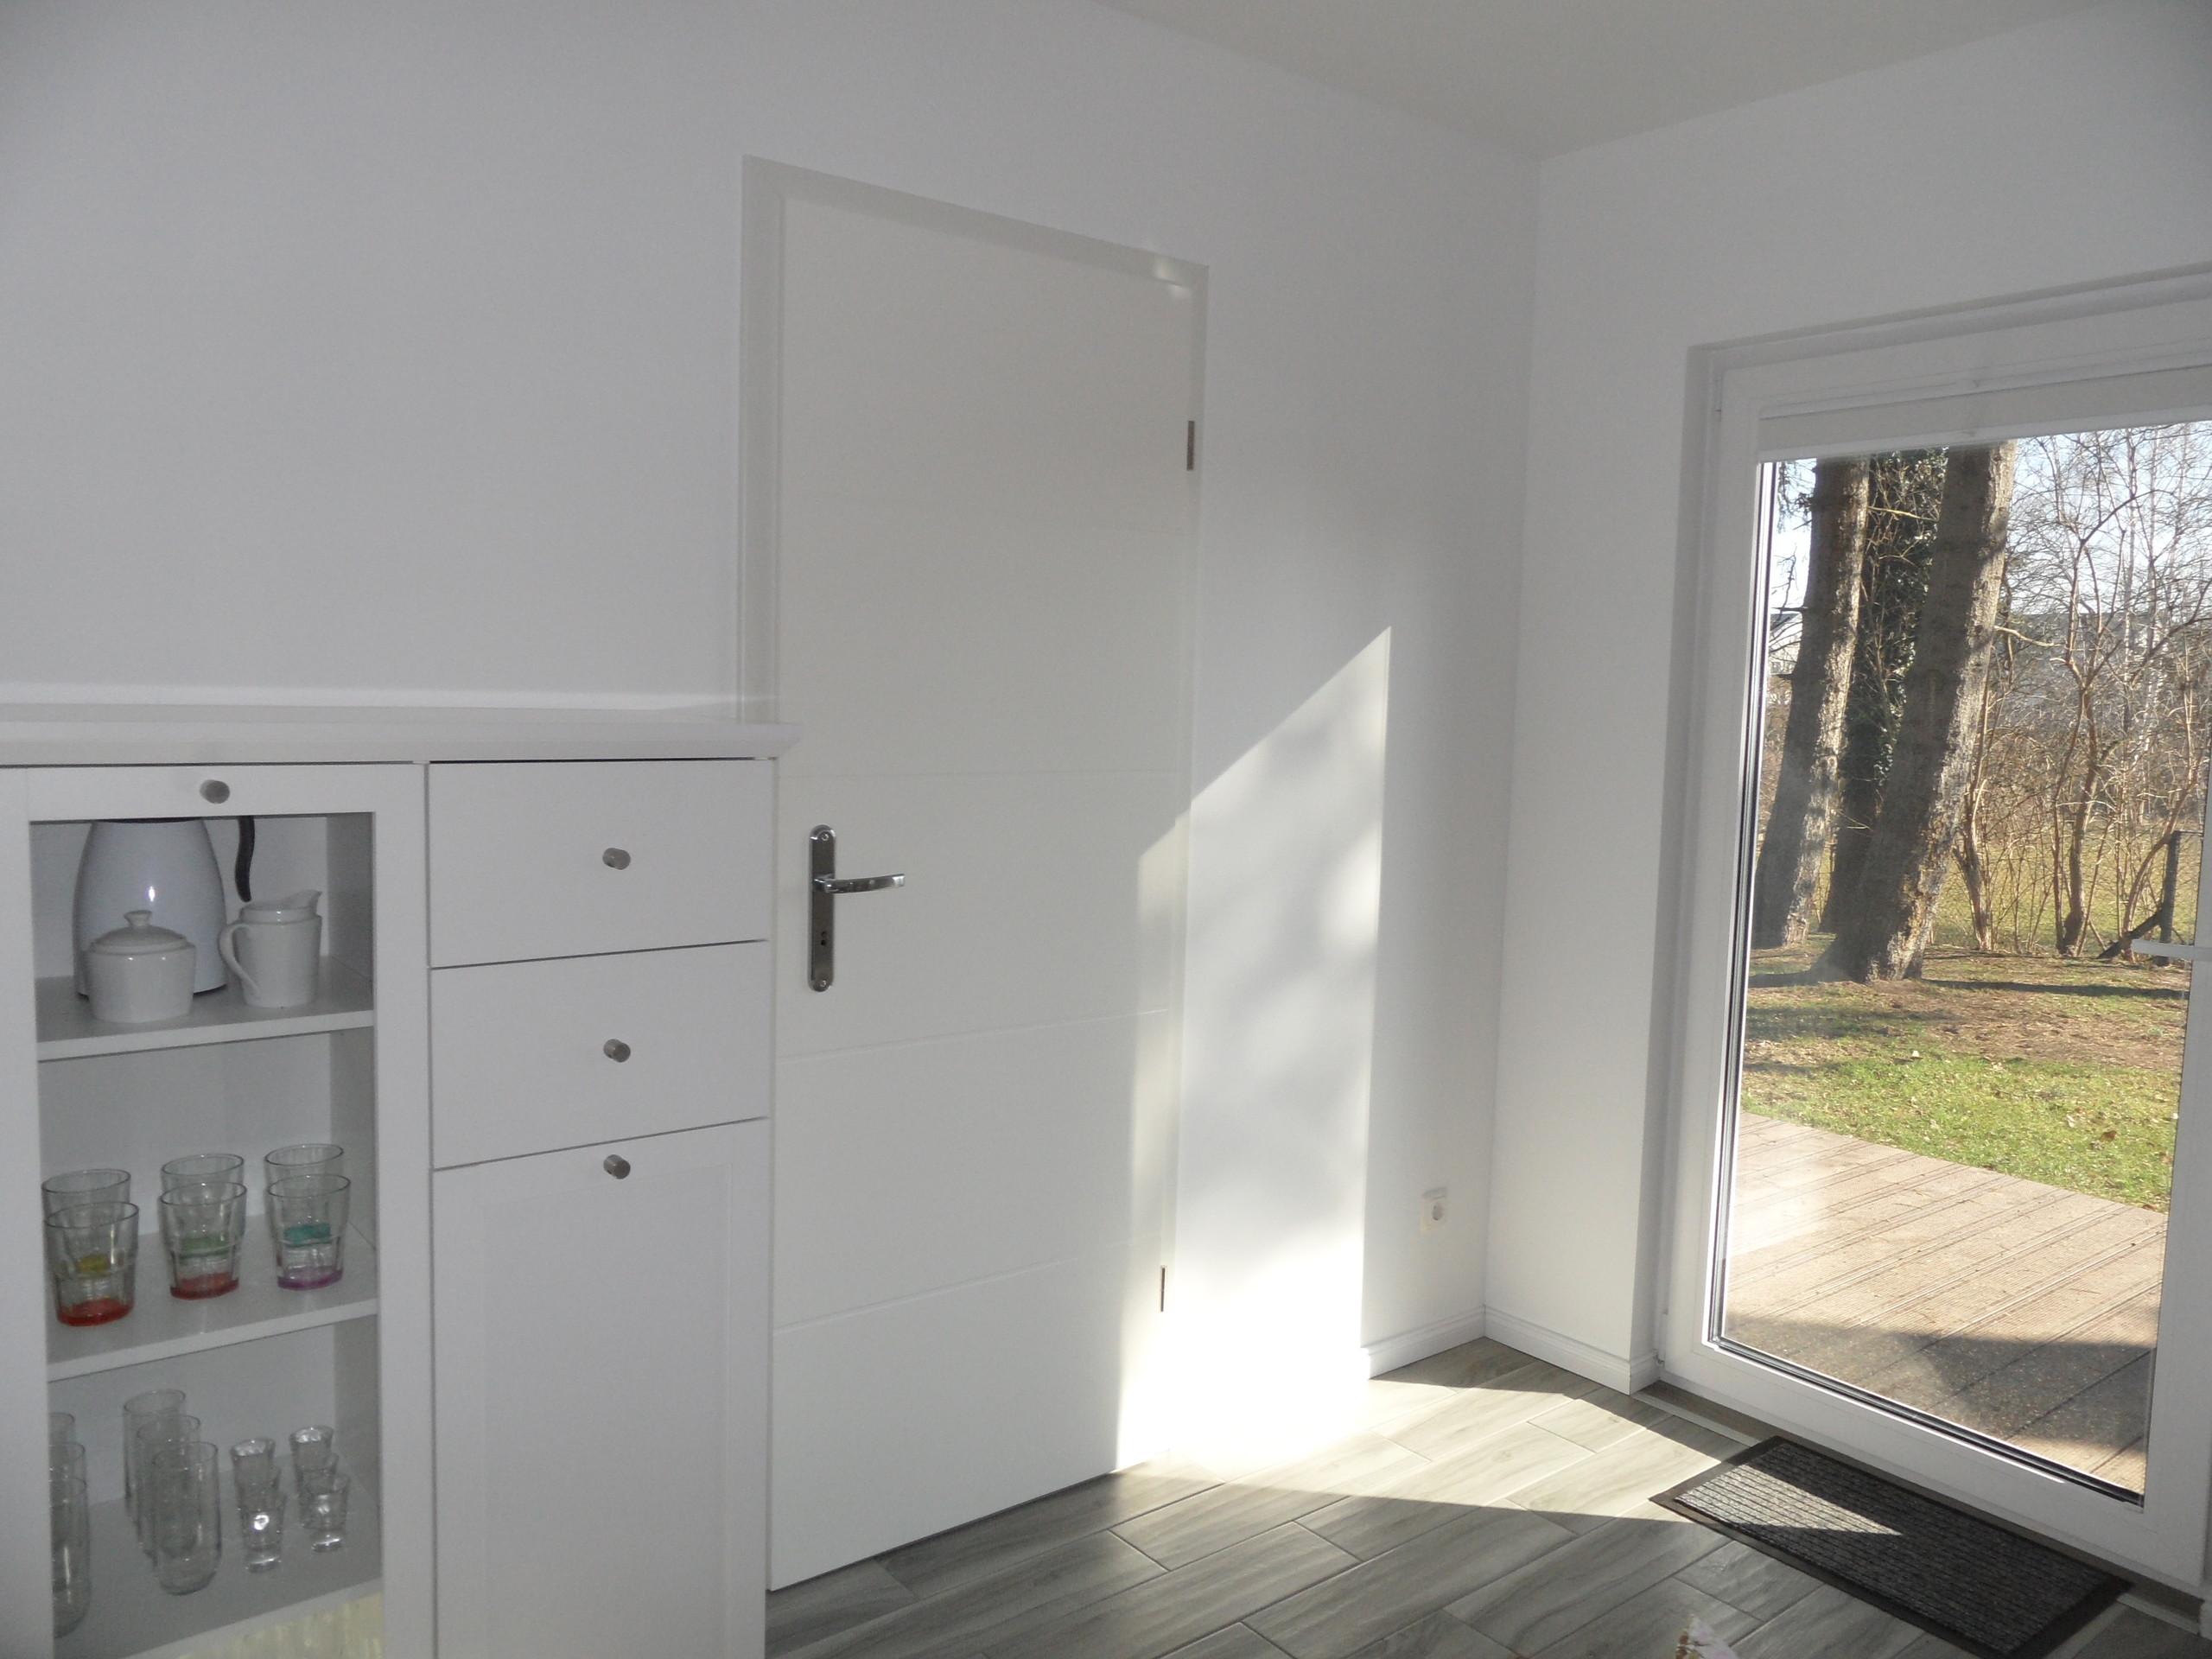 Eingang - Schlafzimmer - Terrasse